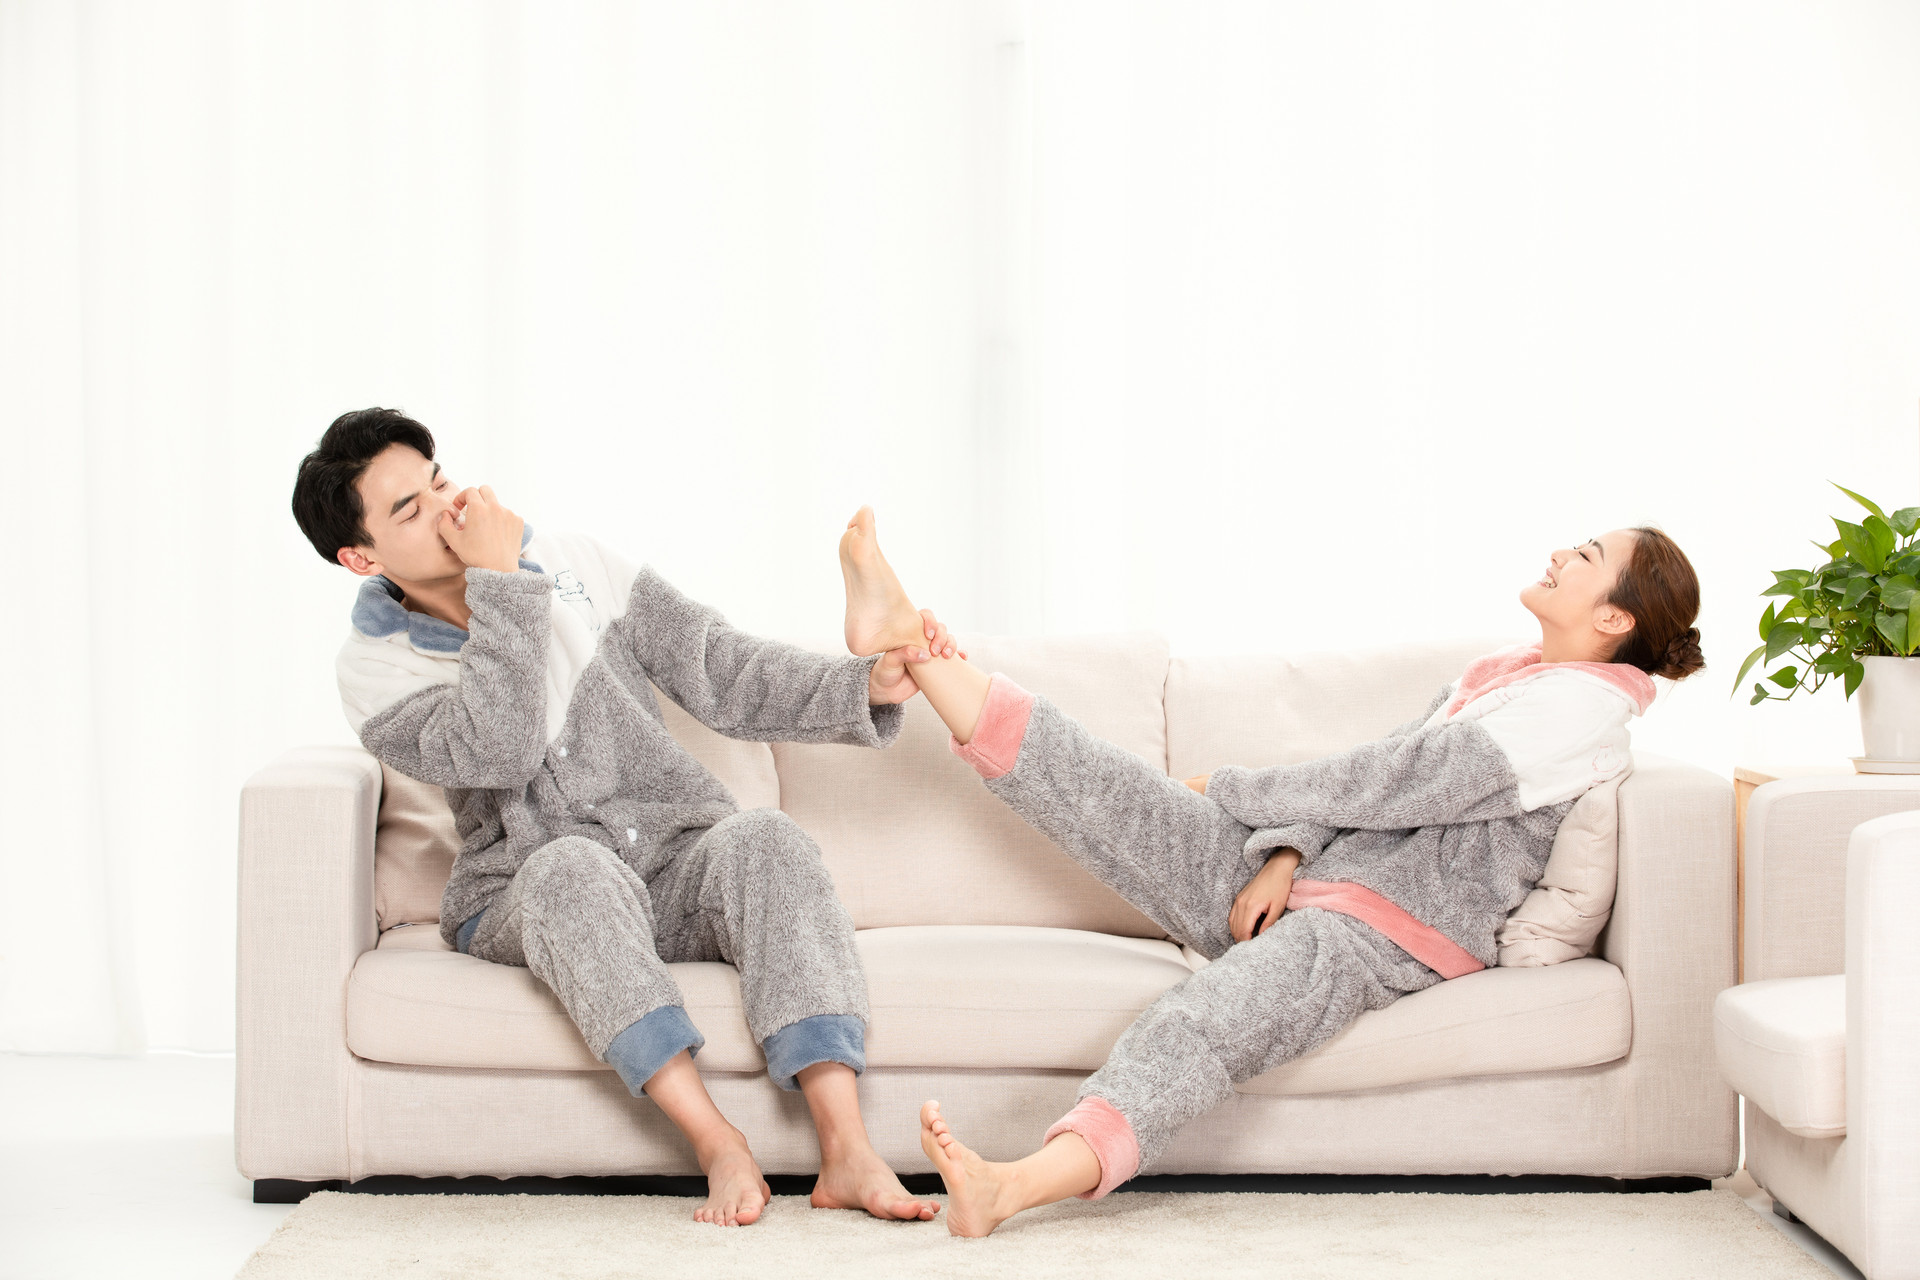 男人出轨的婚姻还能继续吗(出过轨的男人再婚还会继续出轨吗)插图1